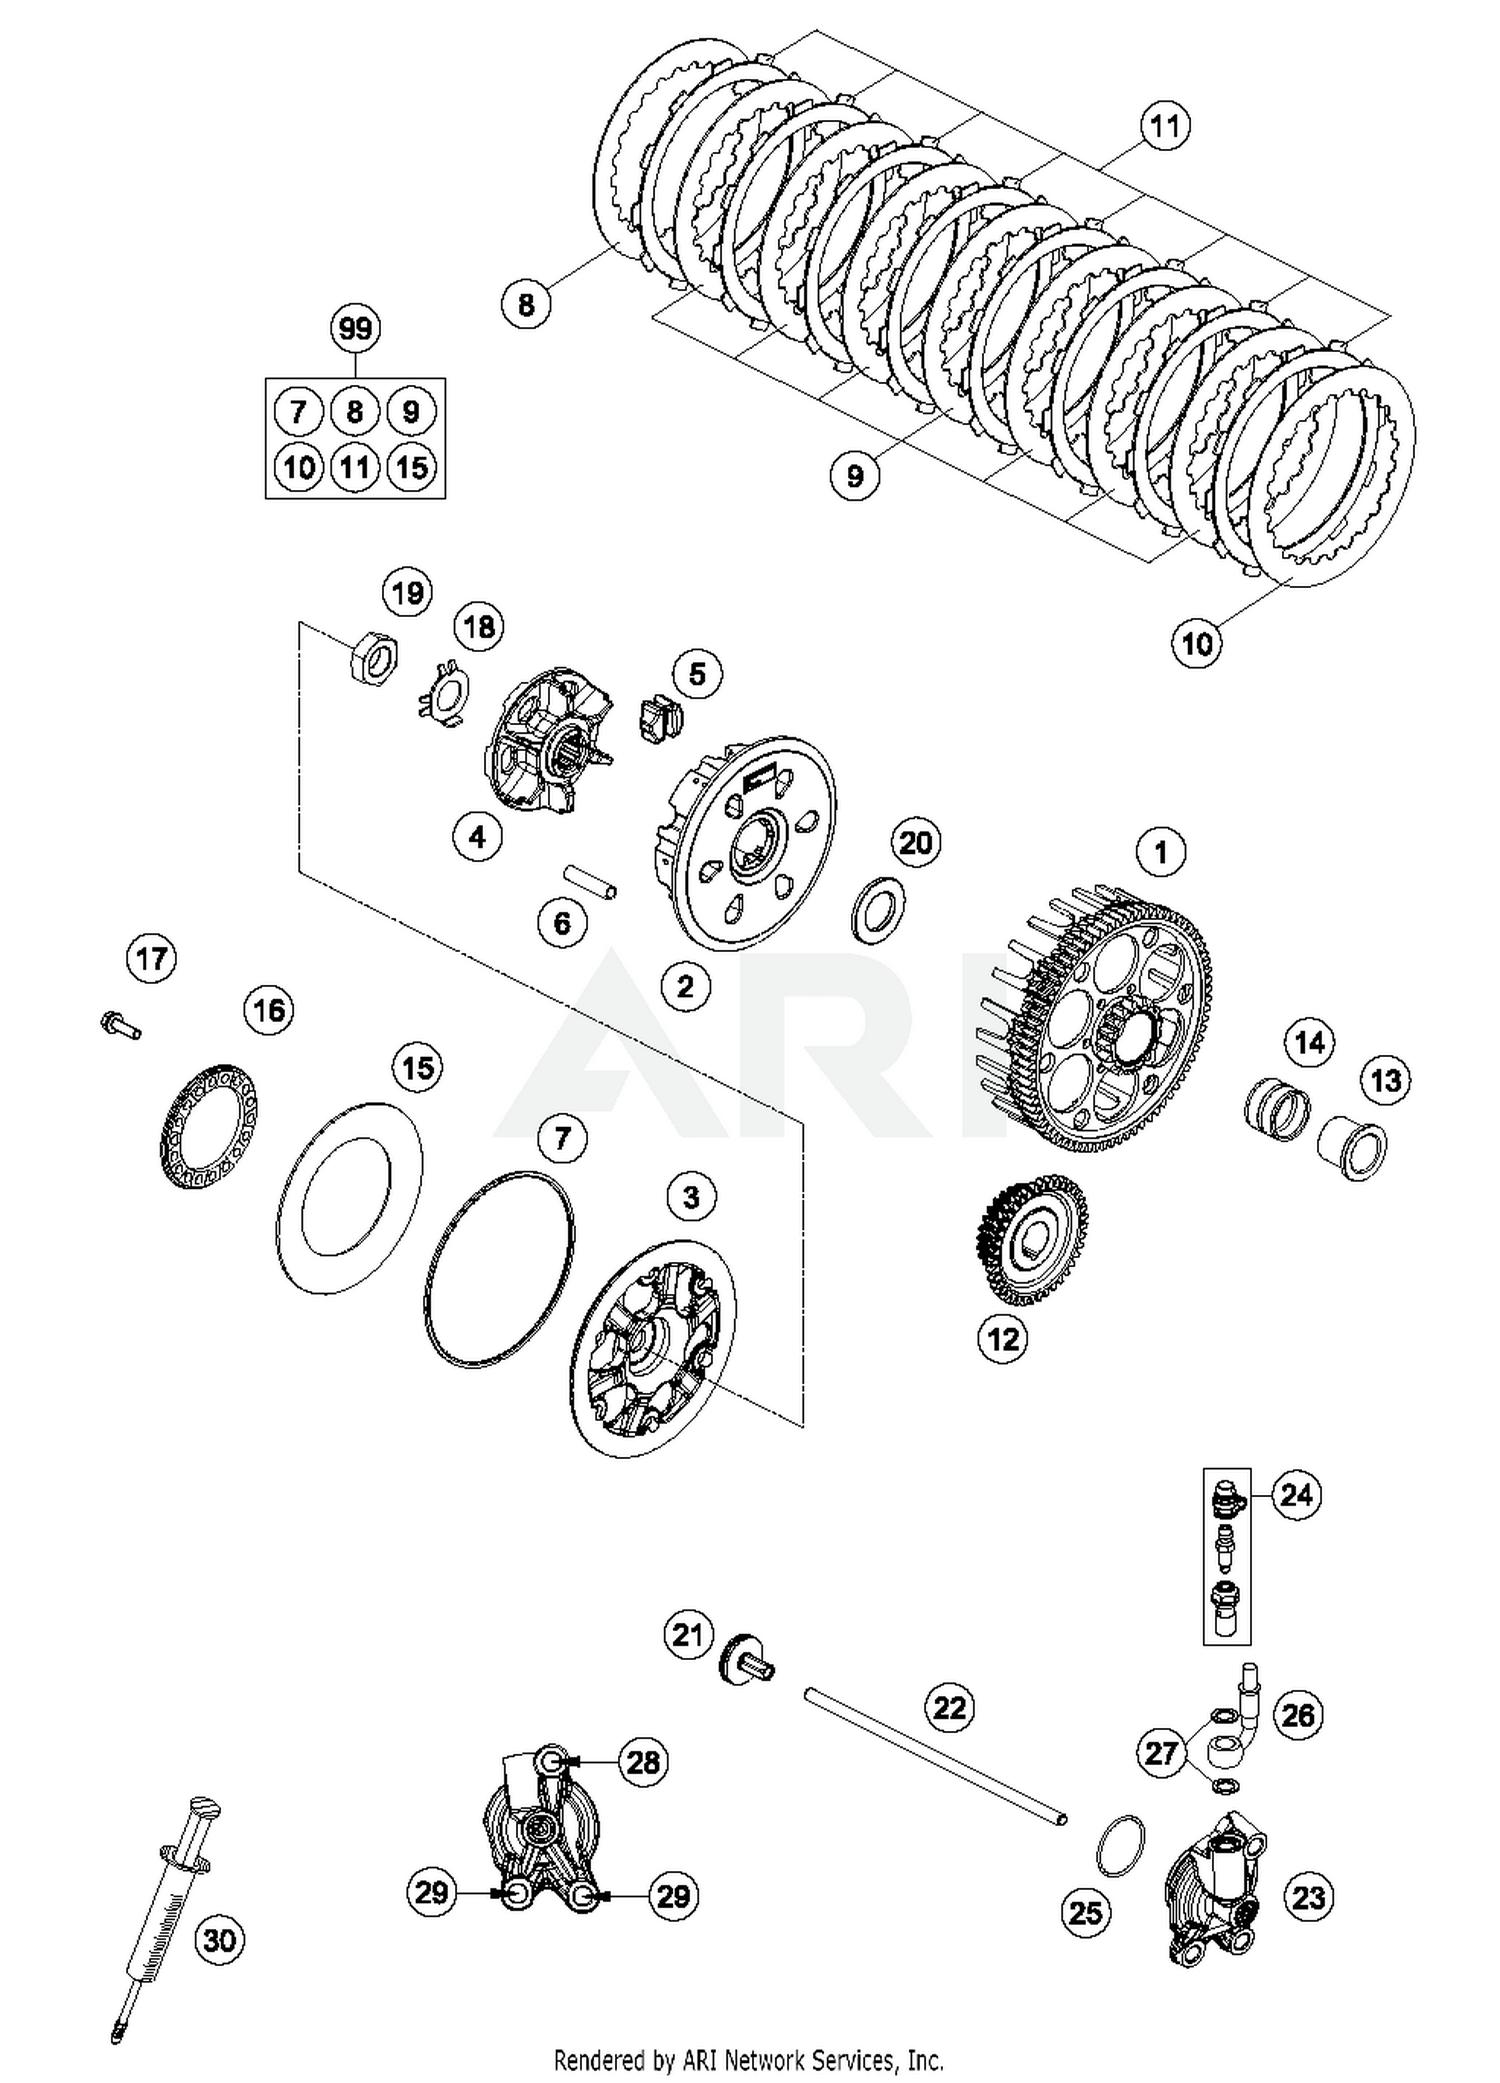 diagram part # 22 quantity required: 1